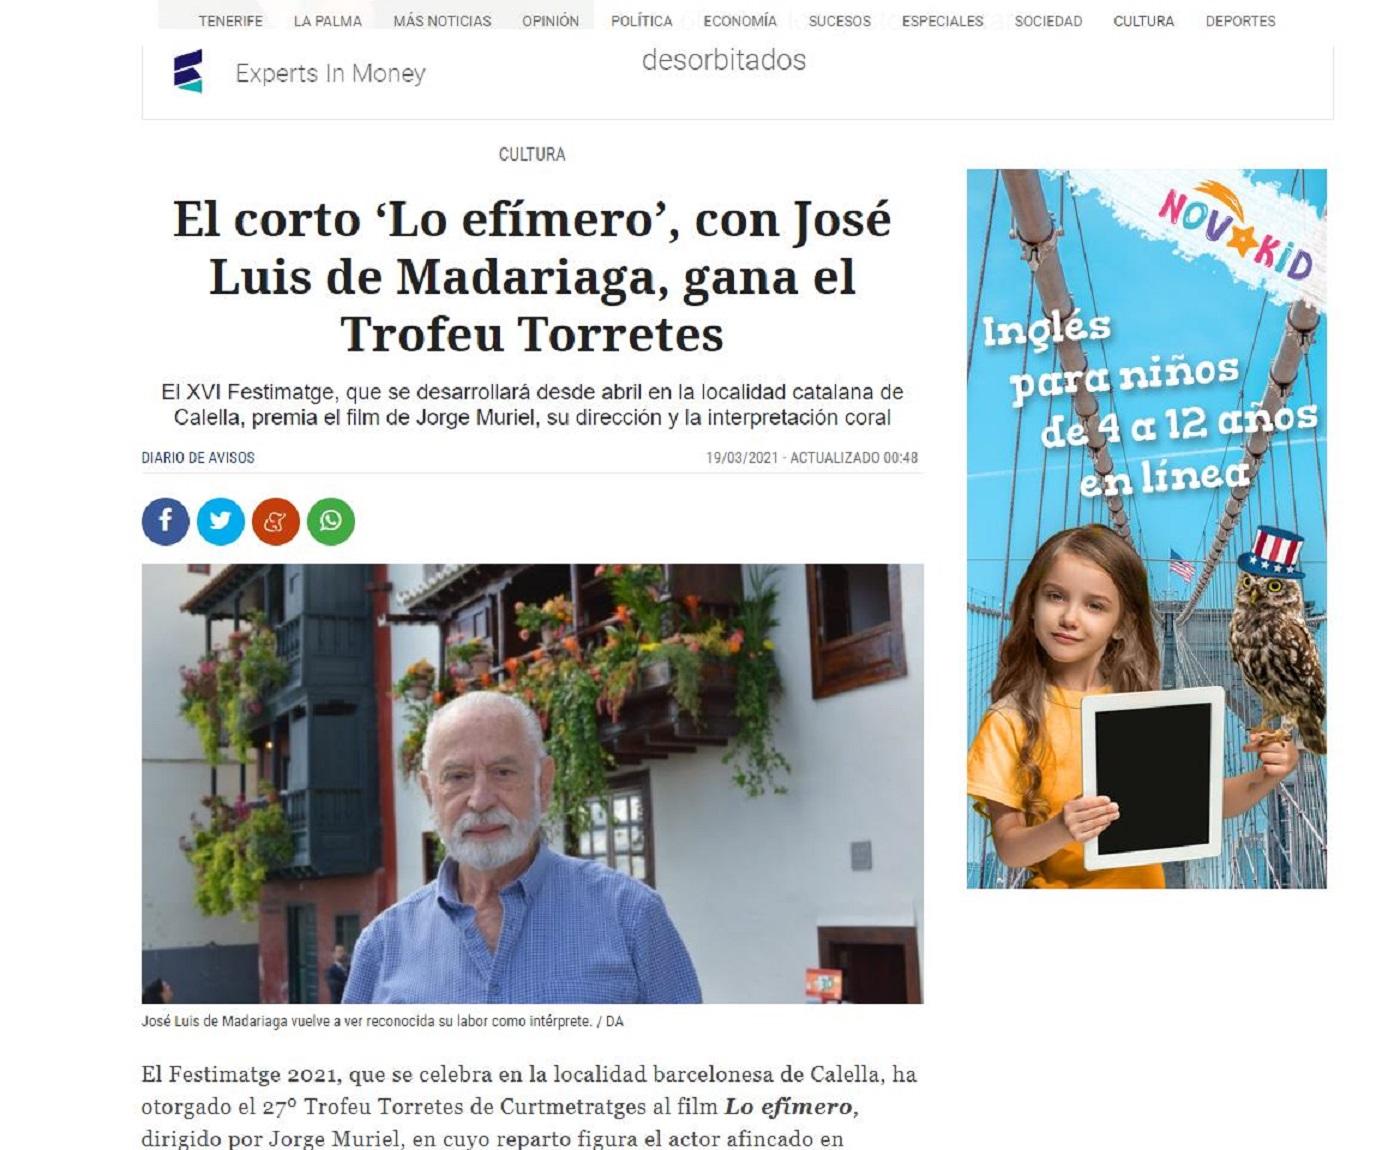 El FESTIMATGE, Festival de la Imagen de Calella (Barcelona) en Diario de Avisos-19/03/2021 gabinete de prensa